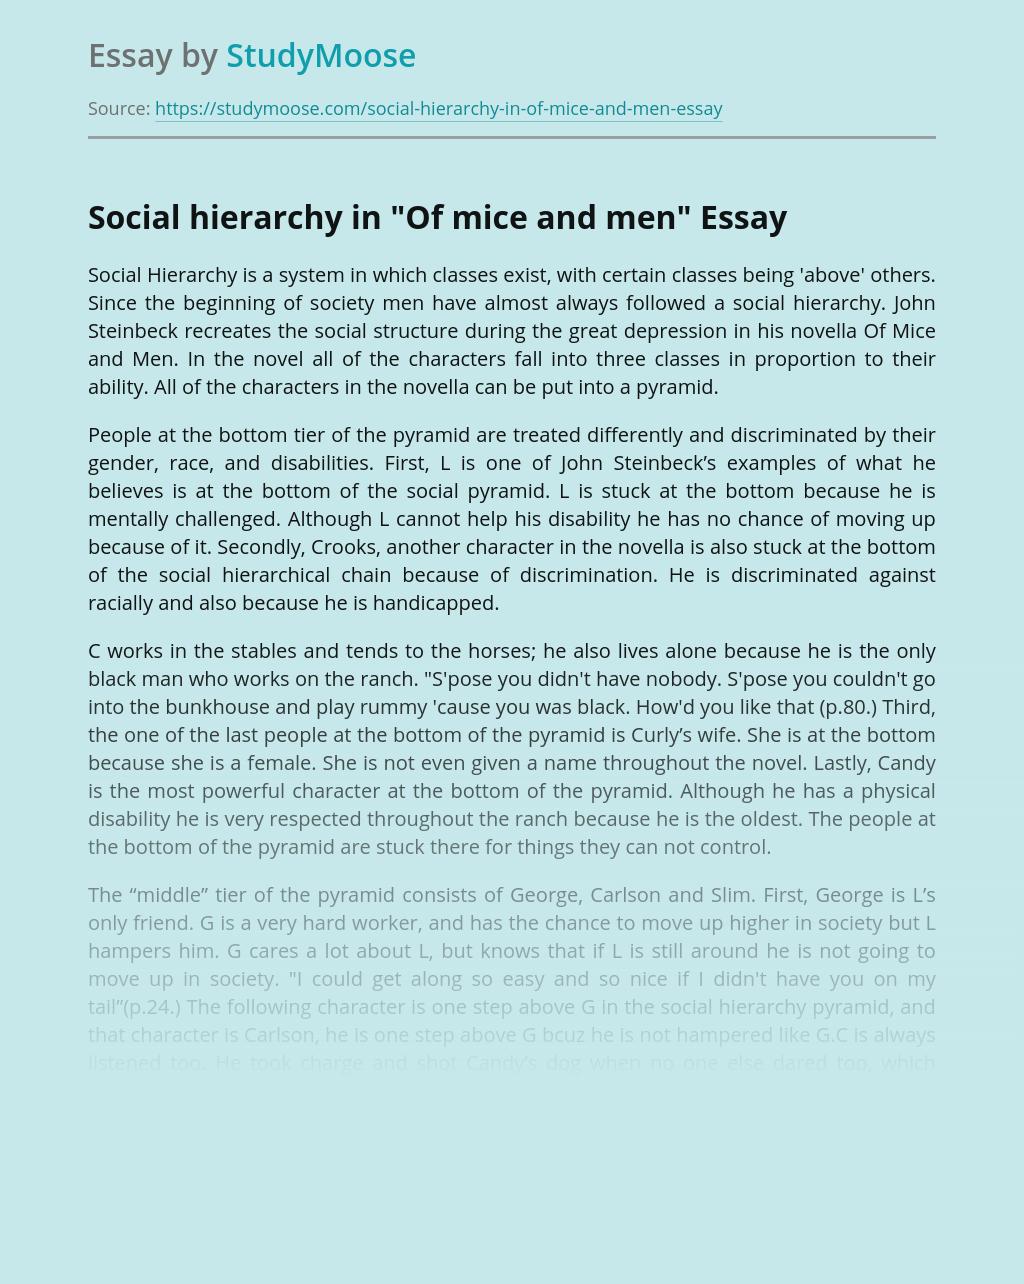 Social hierarchy in